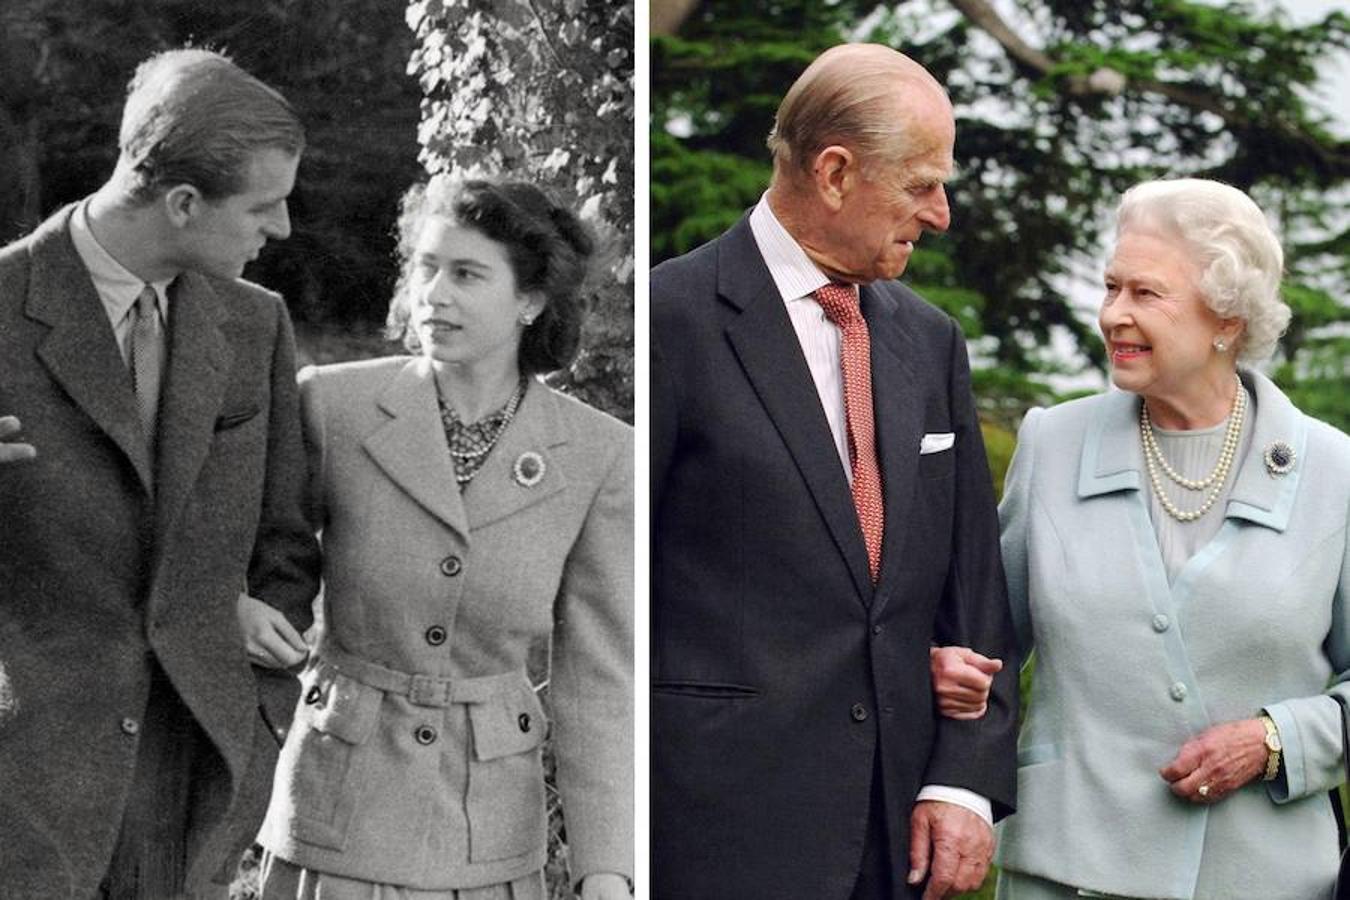 La Reina Isabel II (91 años) y el Príncipe Felipe de Edimburgo (96) celebran hoy sus bodas de titanio, 70 años de vida en común que empezaron el 20 de noviembre de 1947, cuando se dieron el «sí, quiero» en la Abadía de Westminster